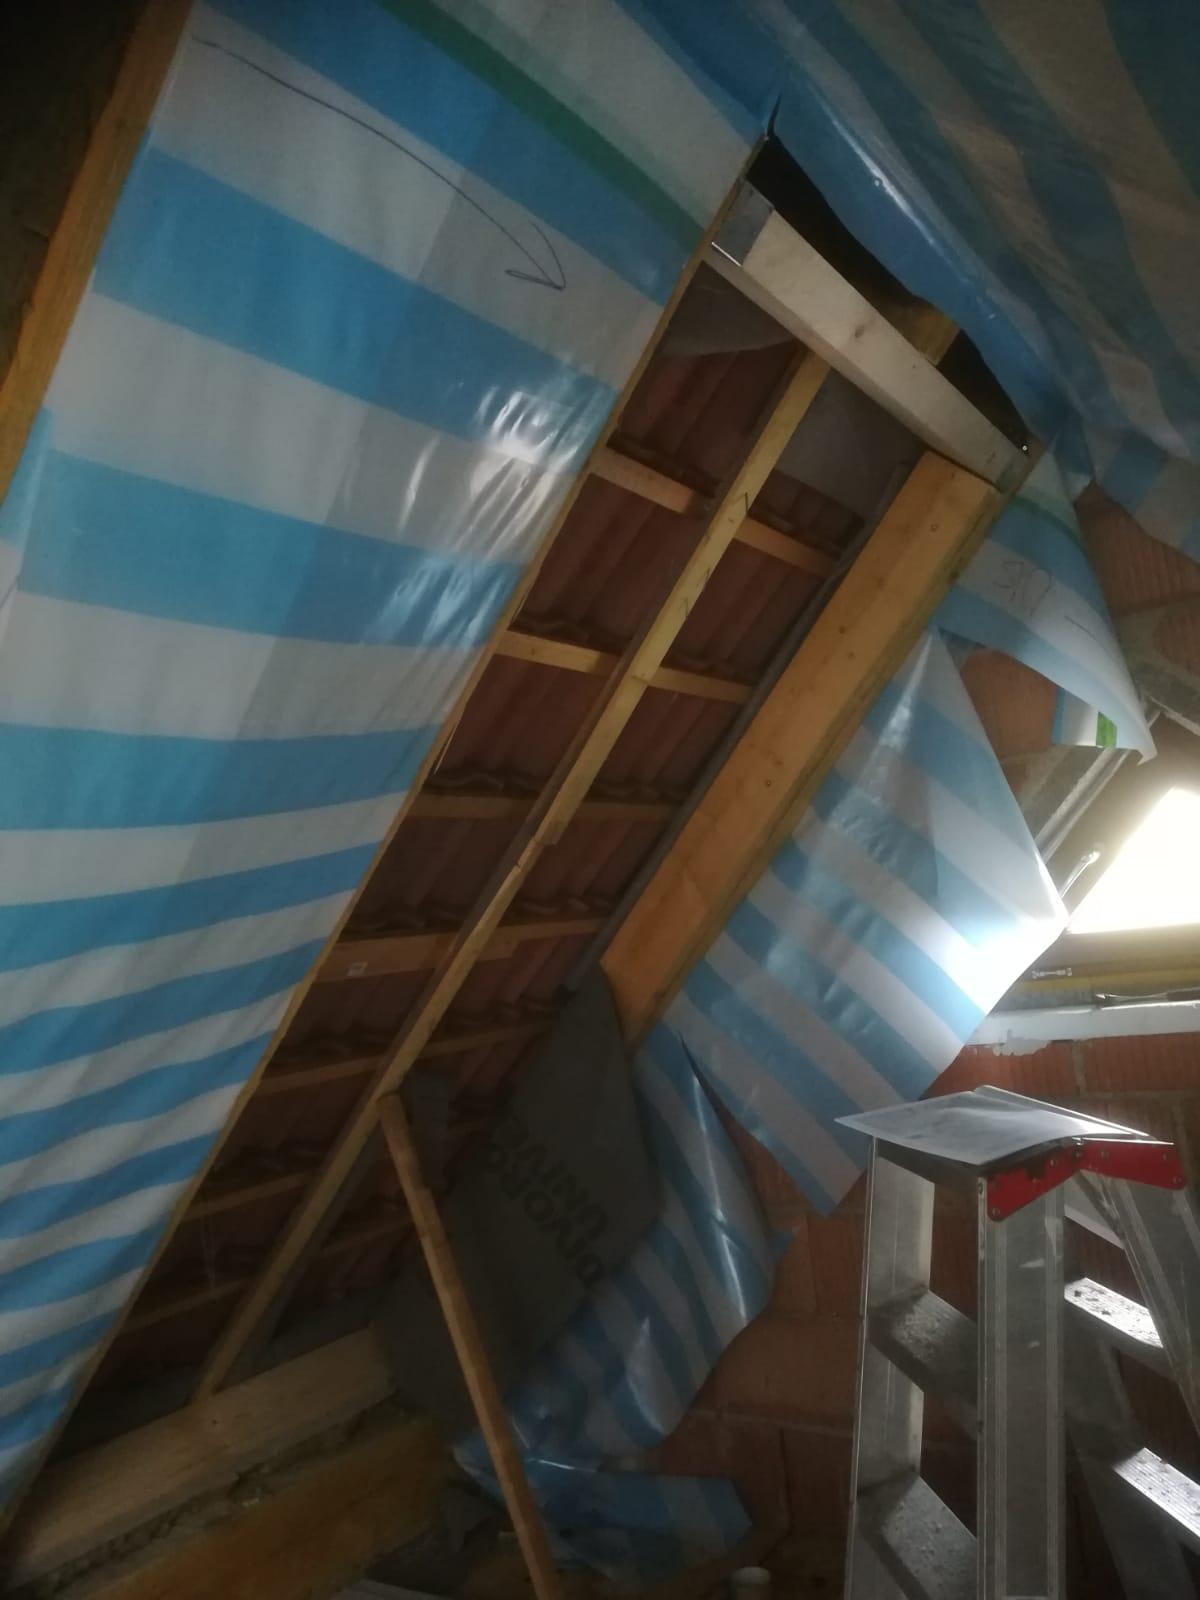 Full Size of Dachfenster Einbauen Hier Wurden Dachsparren Ausgewechselt Damit Ich Ein Velux Bodengleiche Dusche Neue Fenster Nachträglich Kosten Rolladen Wohnzimmer Dachfenster Einbauen